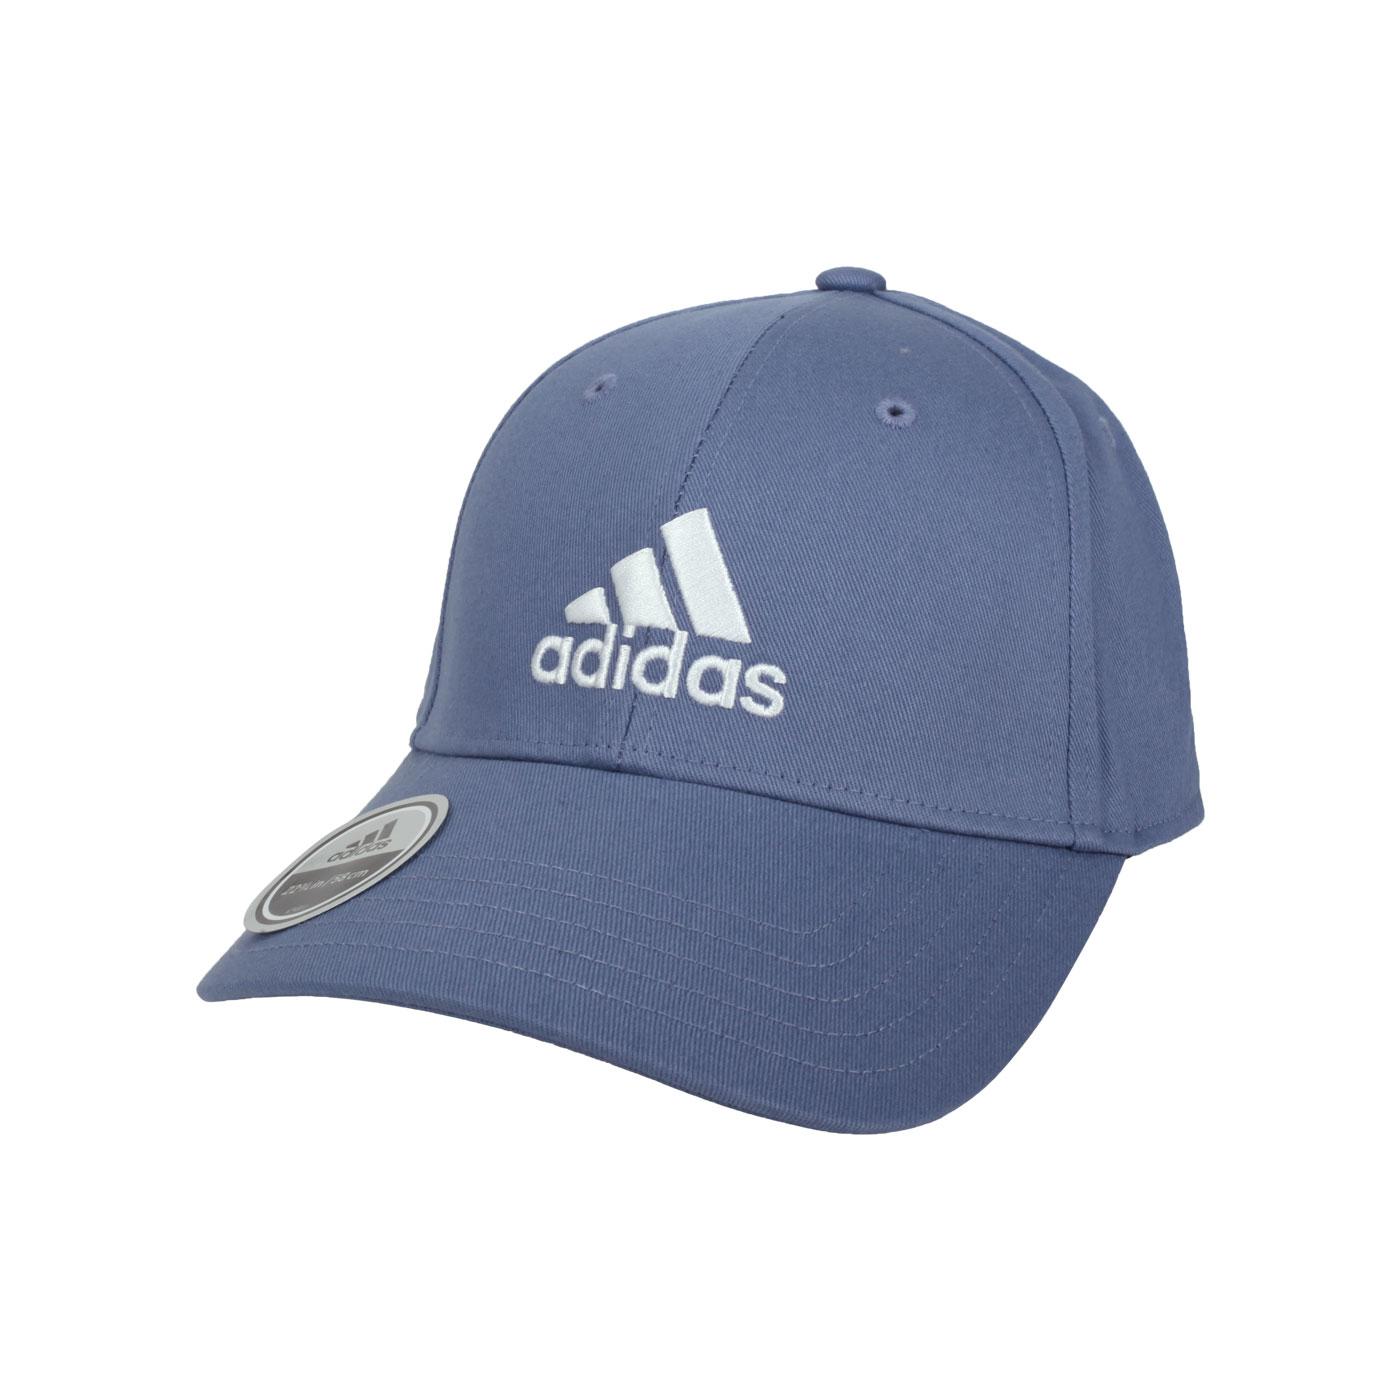 ADIDAS 棒球帽 H34474